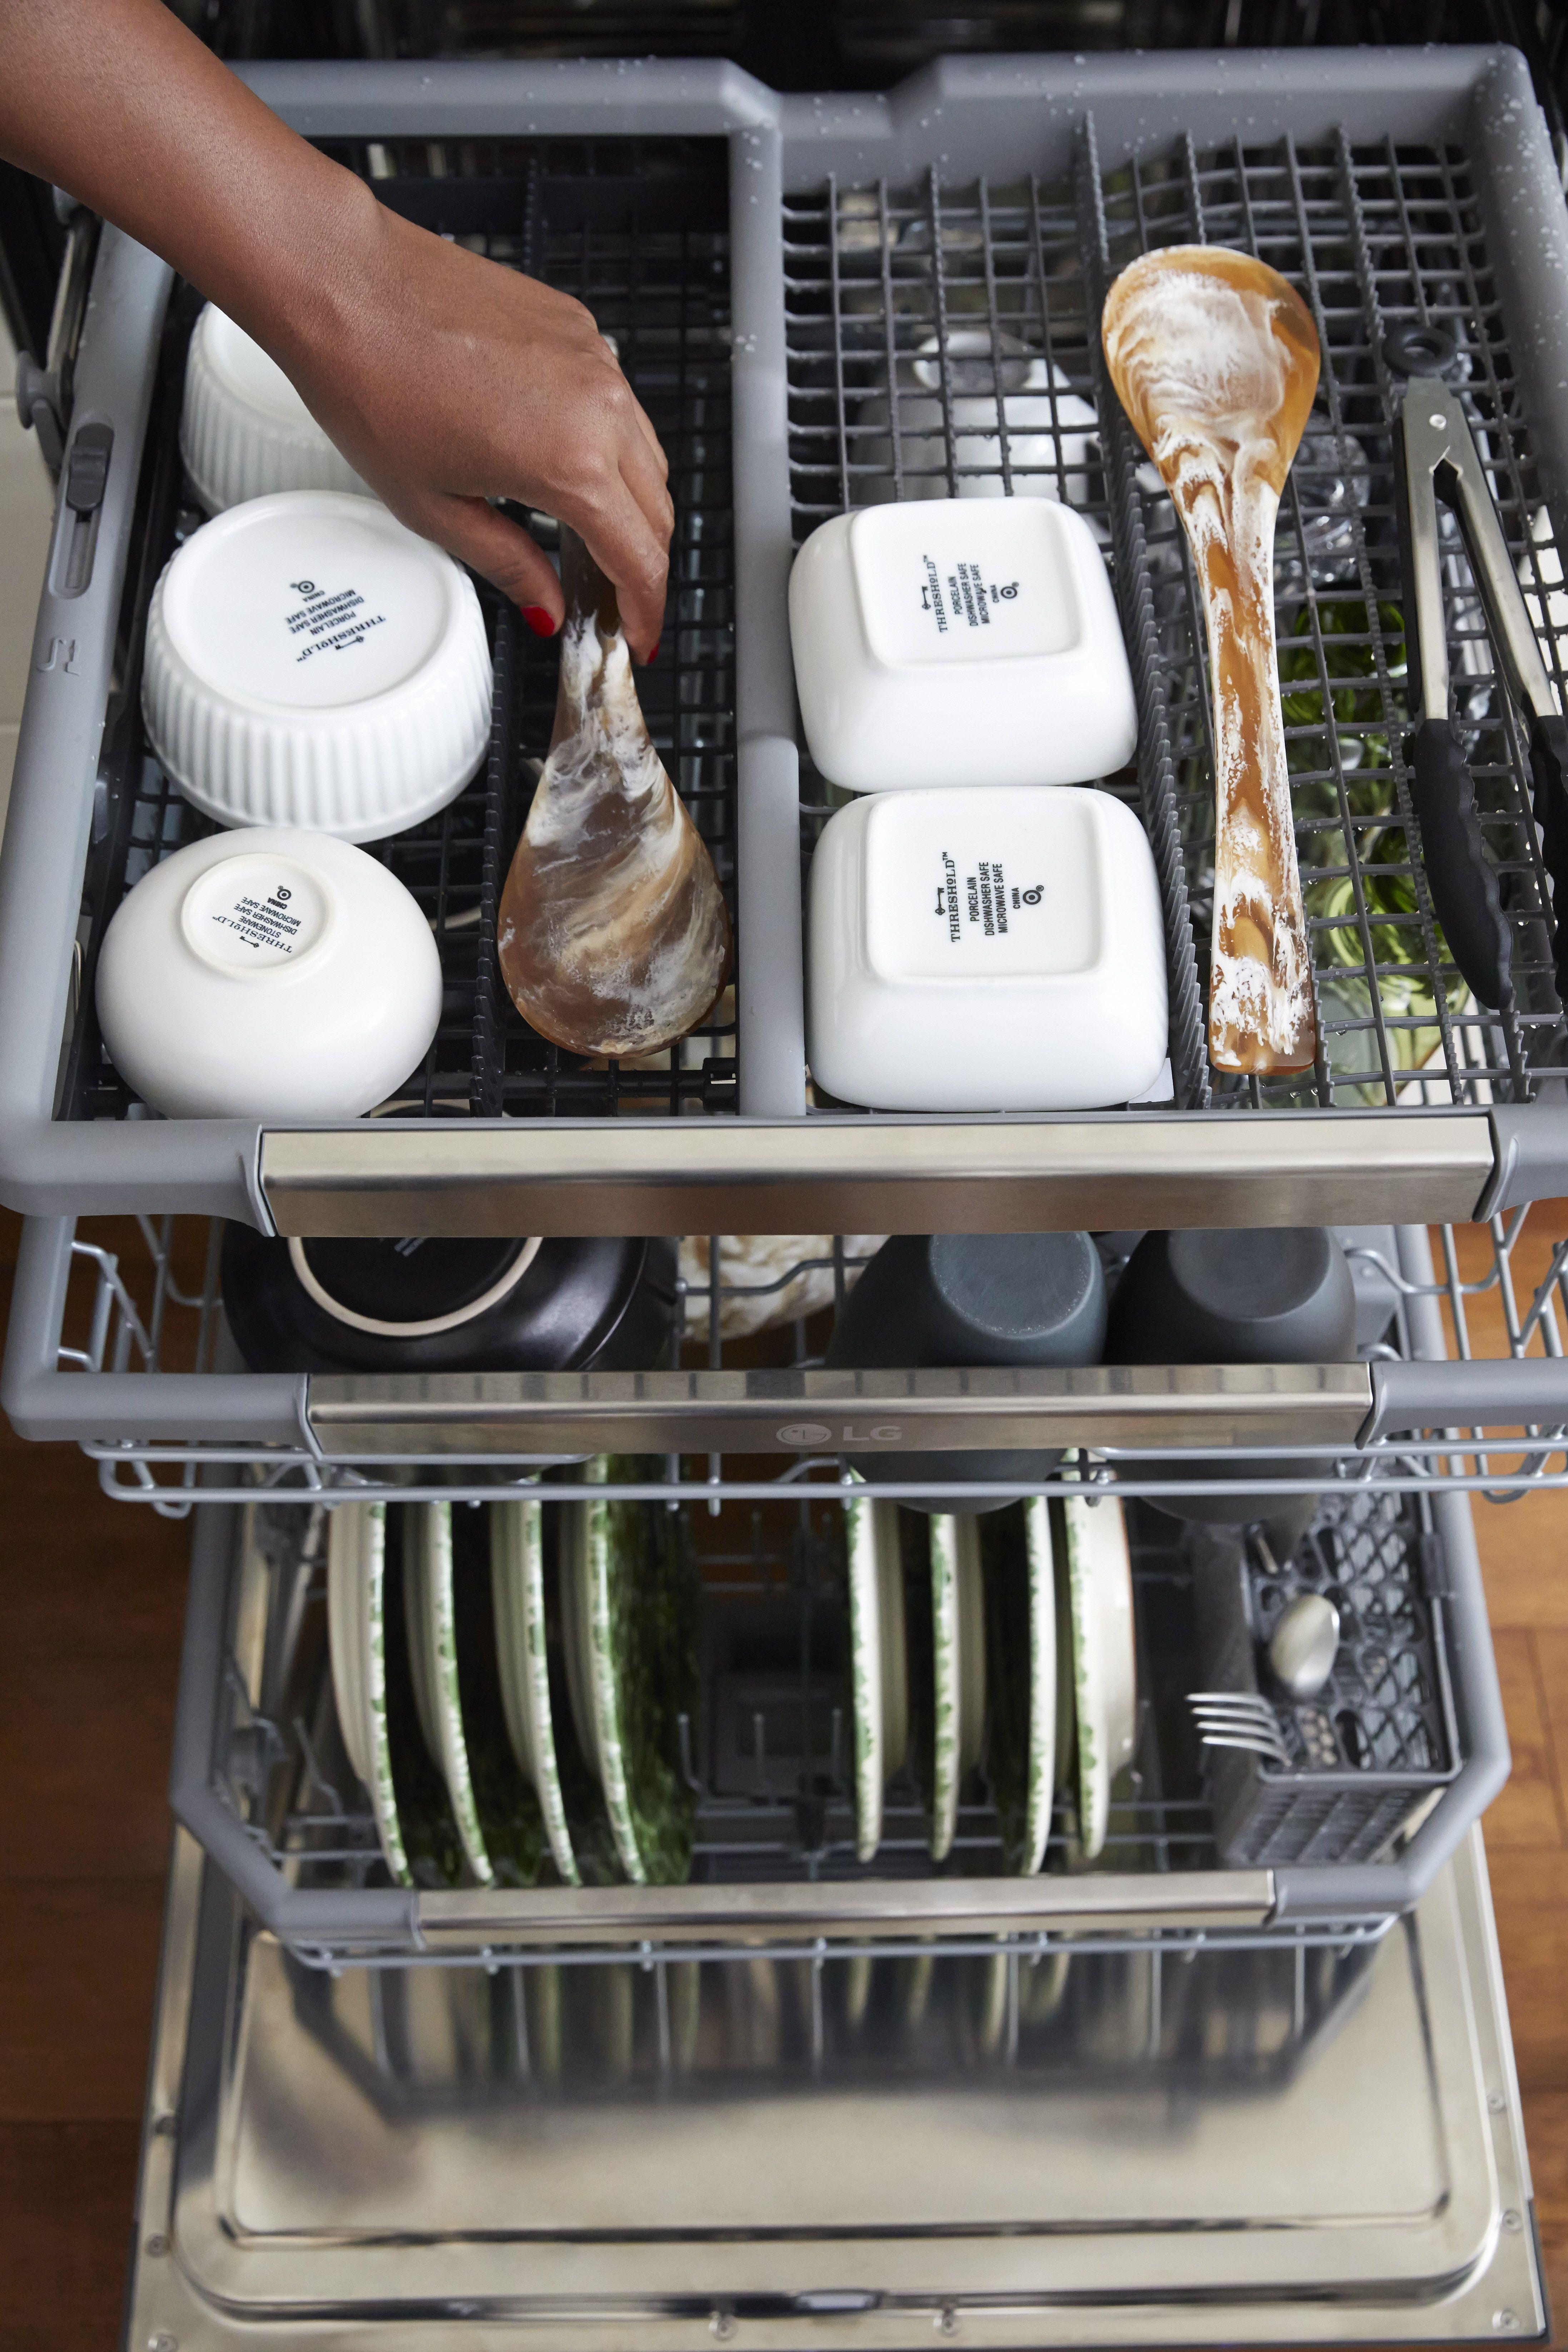 Lg Dishwasher Adjustable 3rd Rack Lg Dishwashers Cleaning Dishes Serving Utensils